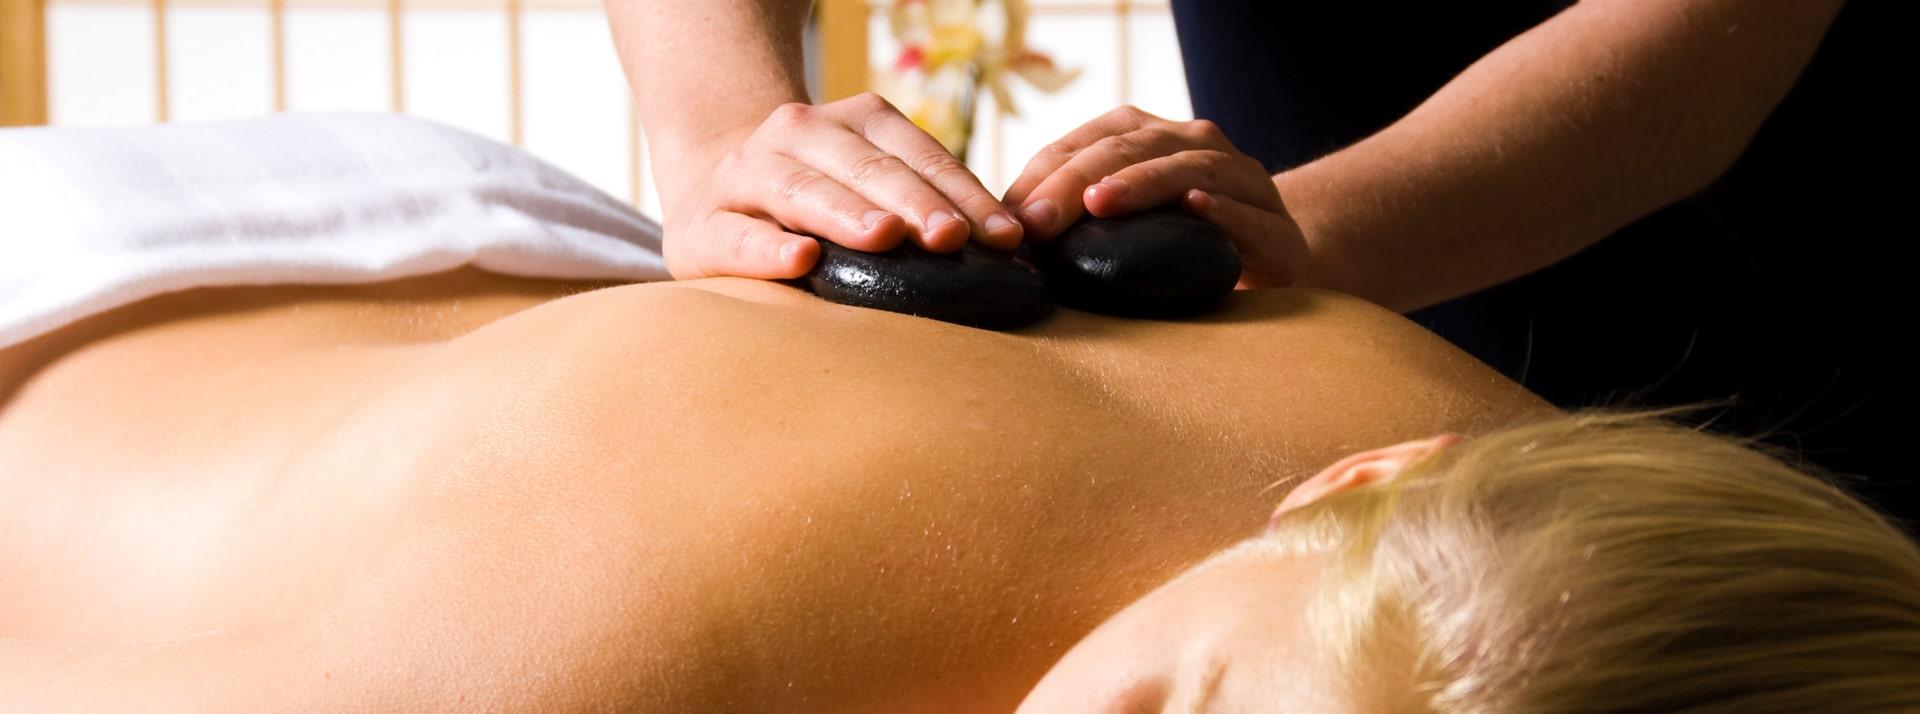 Nuestras Terapias Estéticas basadas en la Kinesiología